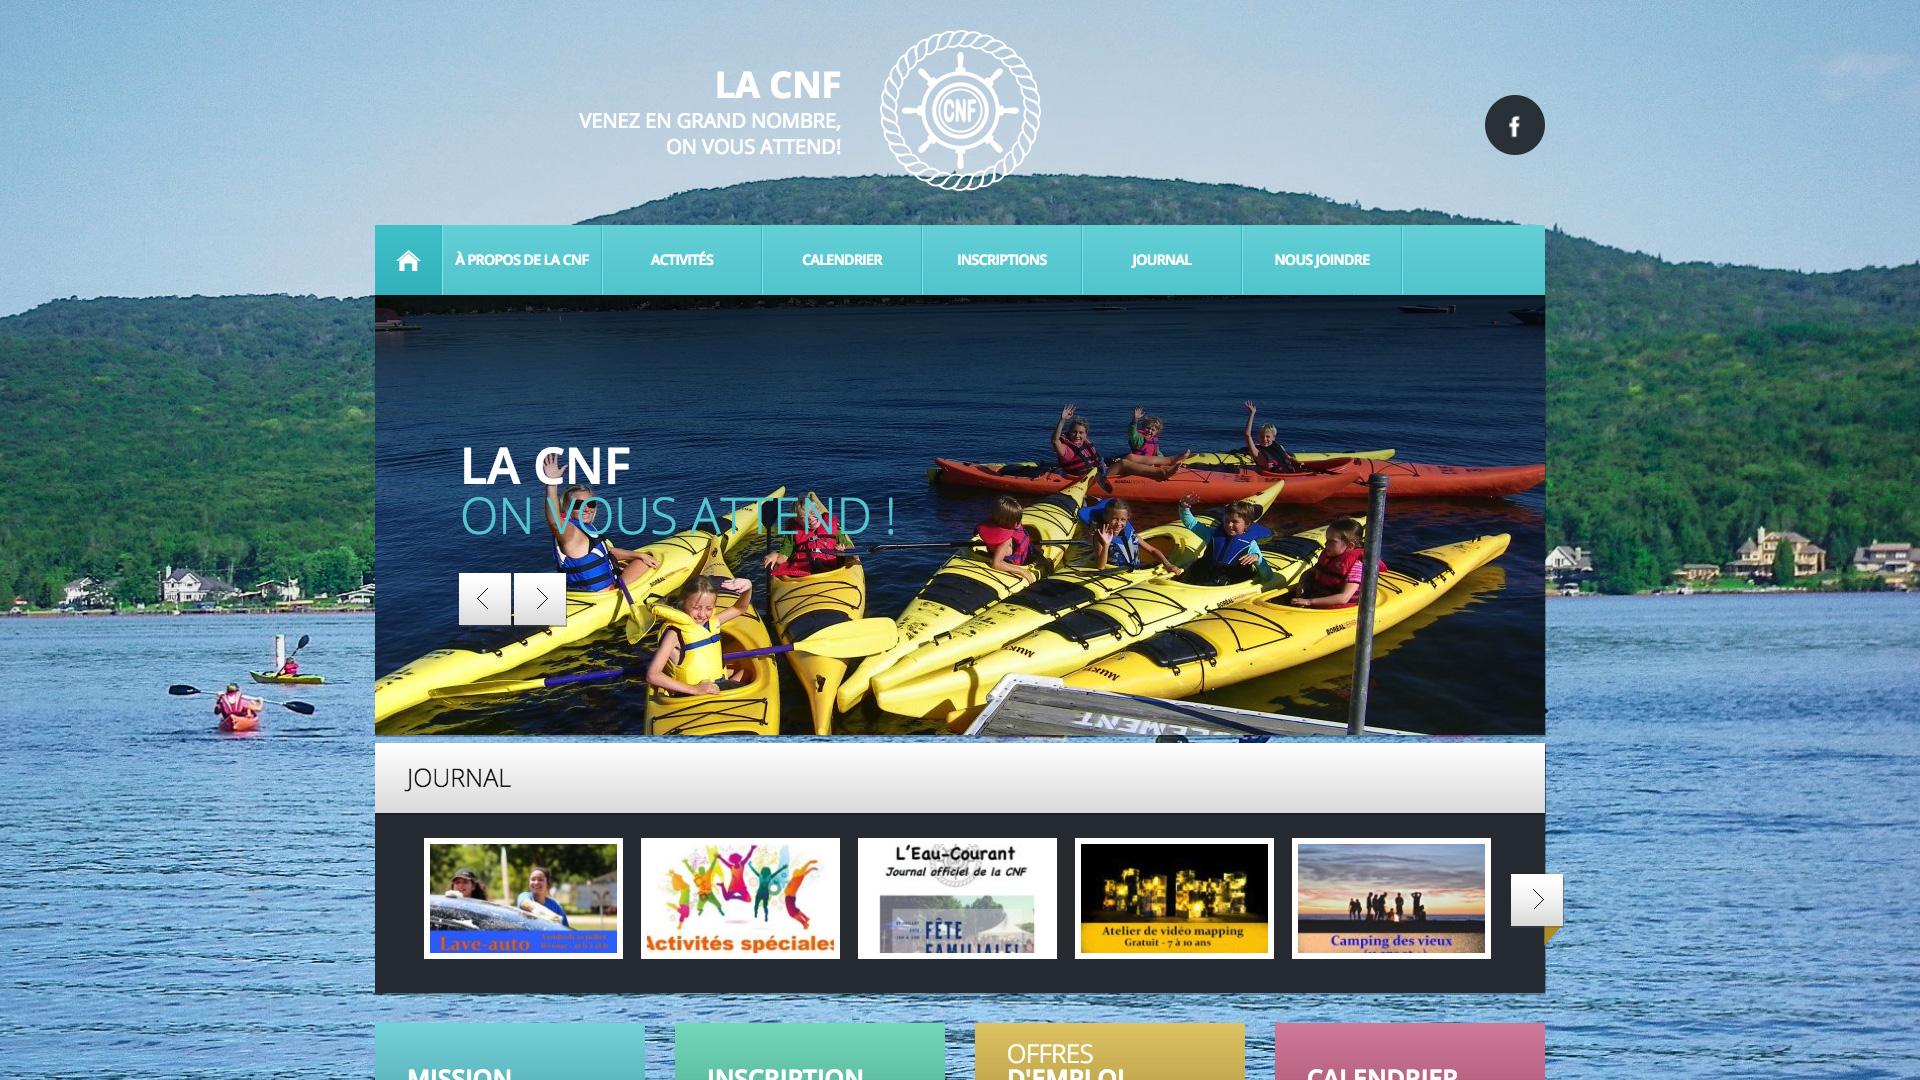 LA CNF